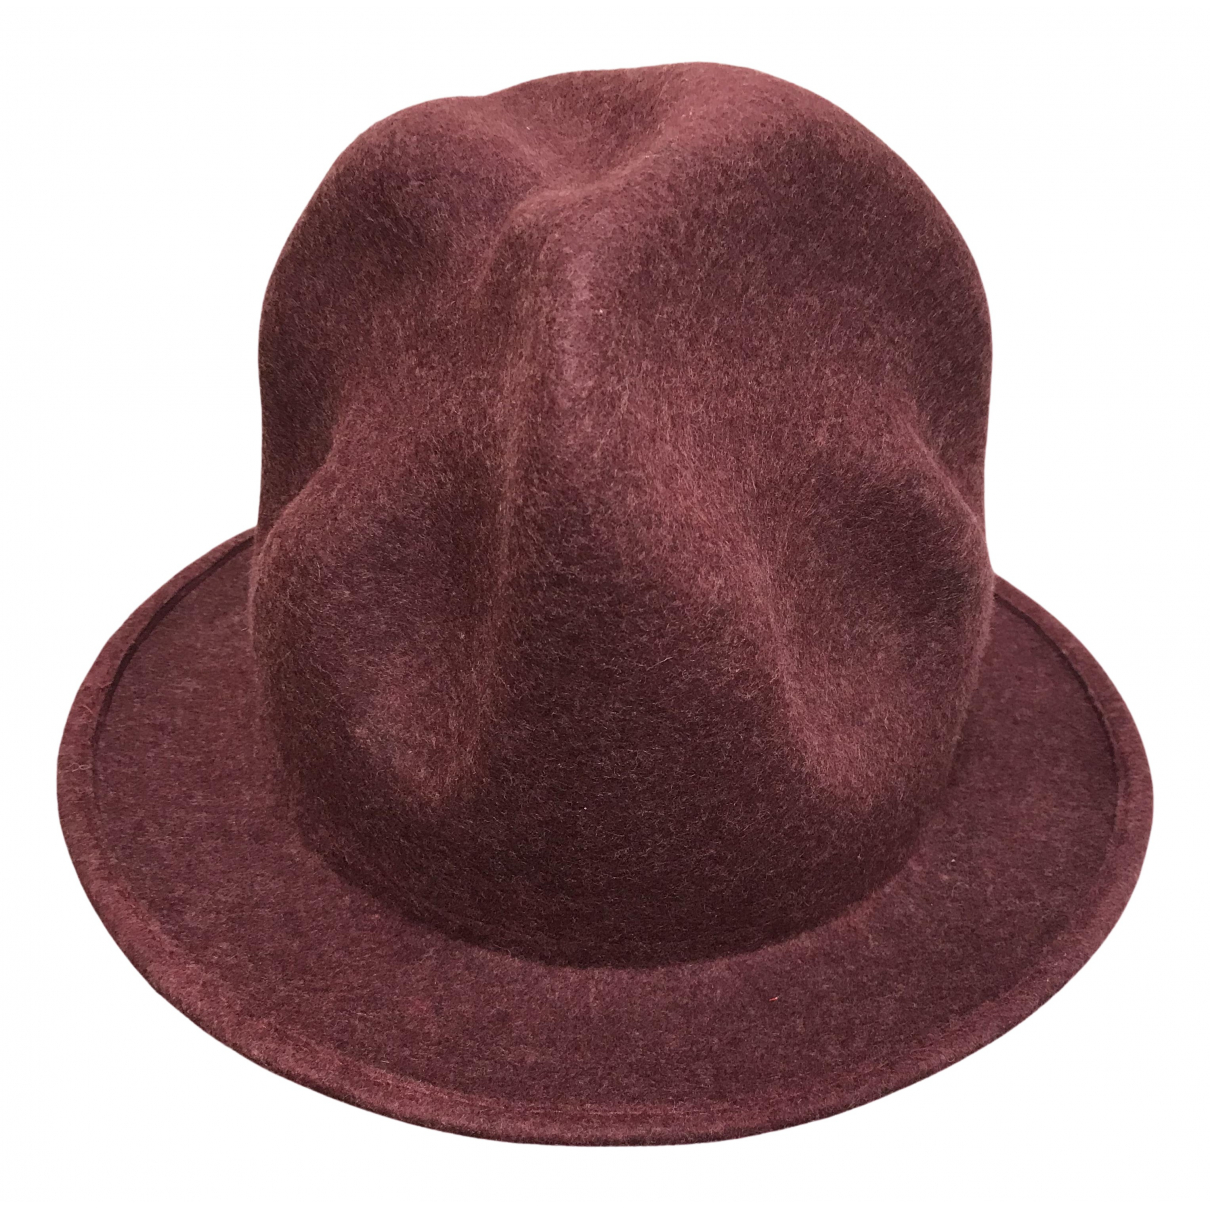 Vivienne Westwood - Chapeau & Bonnets   pour homme en laine - bordeaux